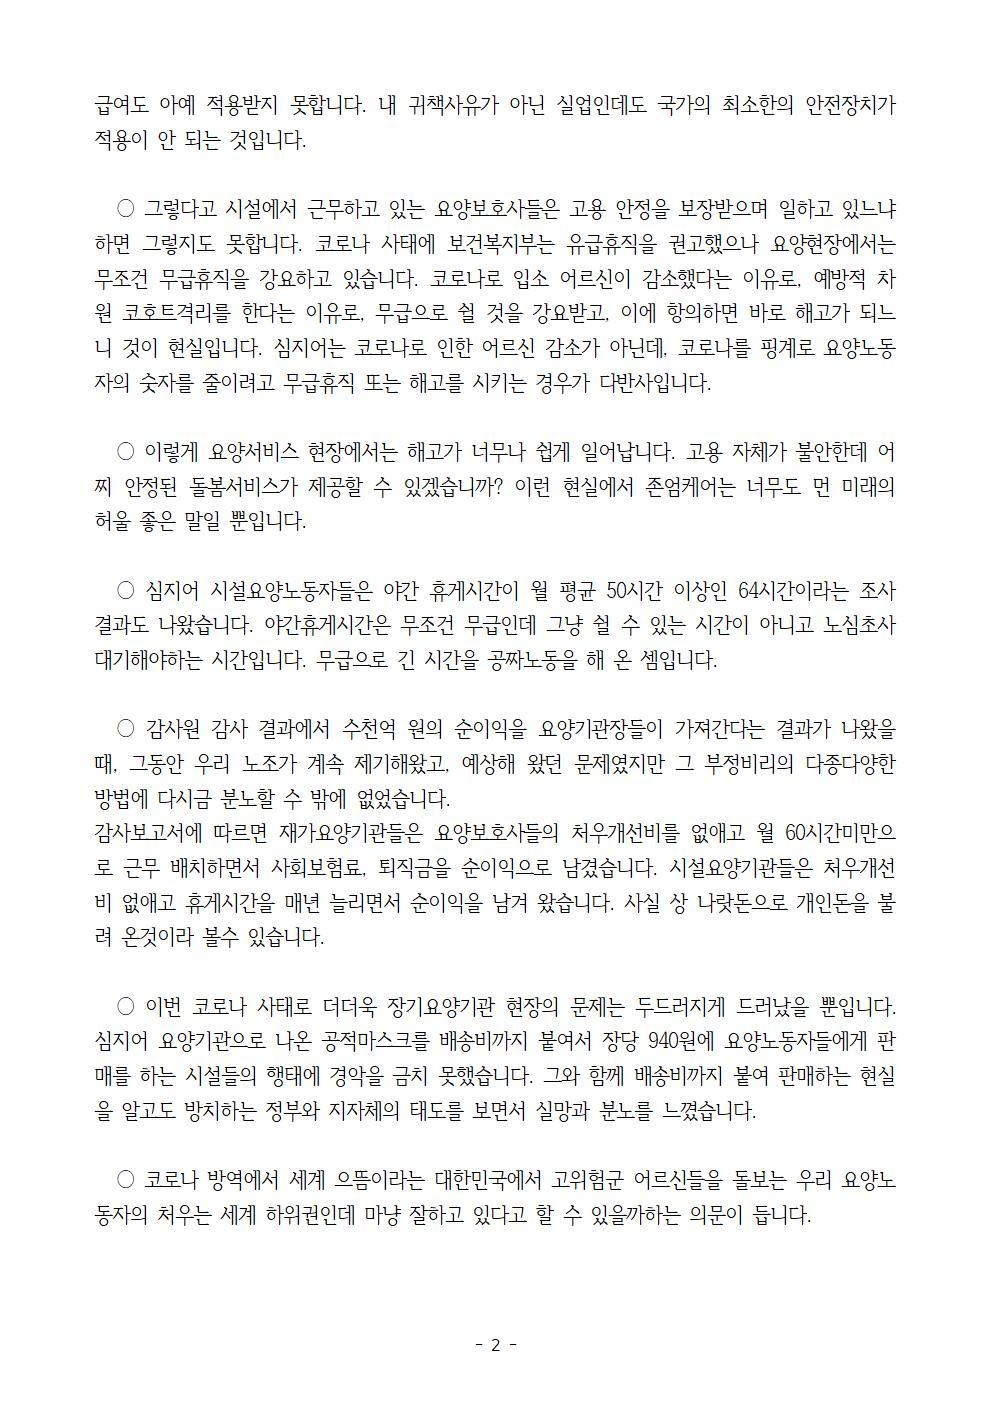 [취재요청]요양보호사 특별법 제정 촉구 기자회견(200627)002.jpg